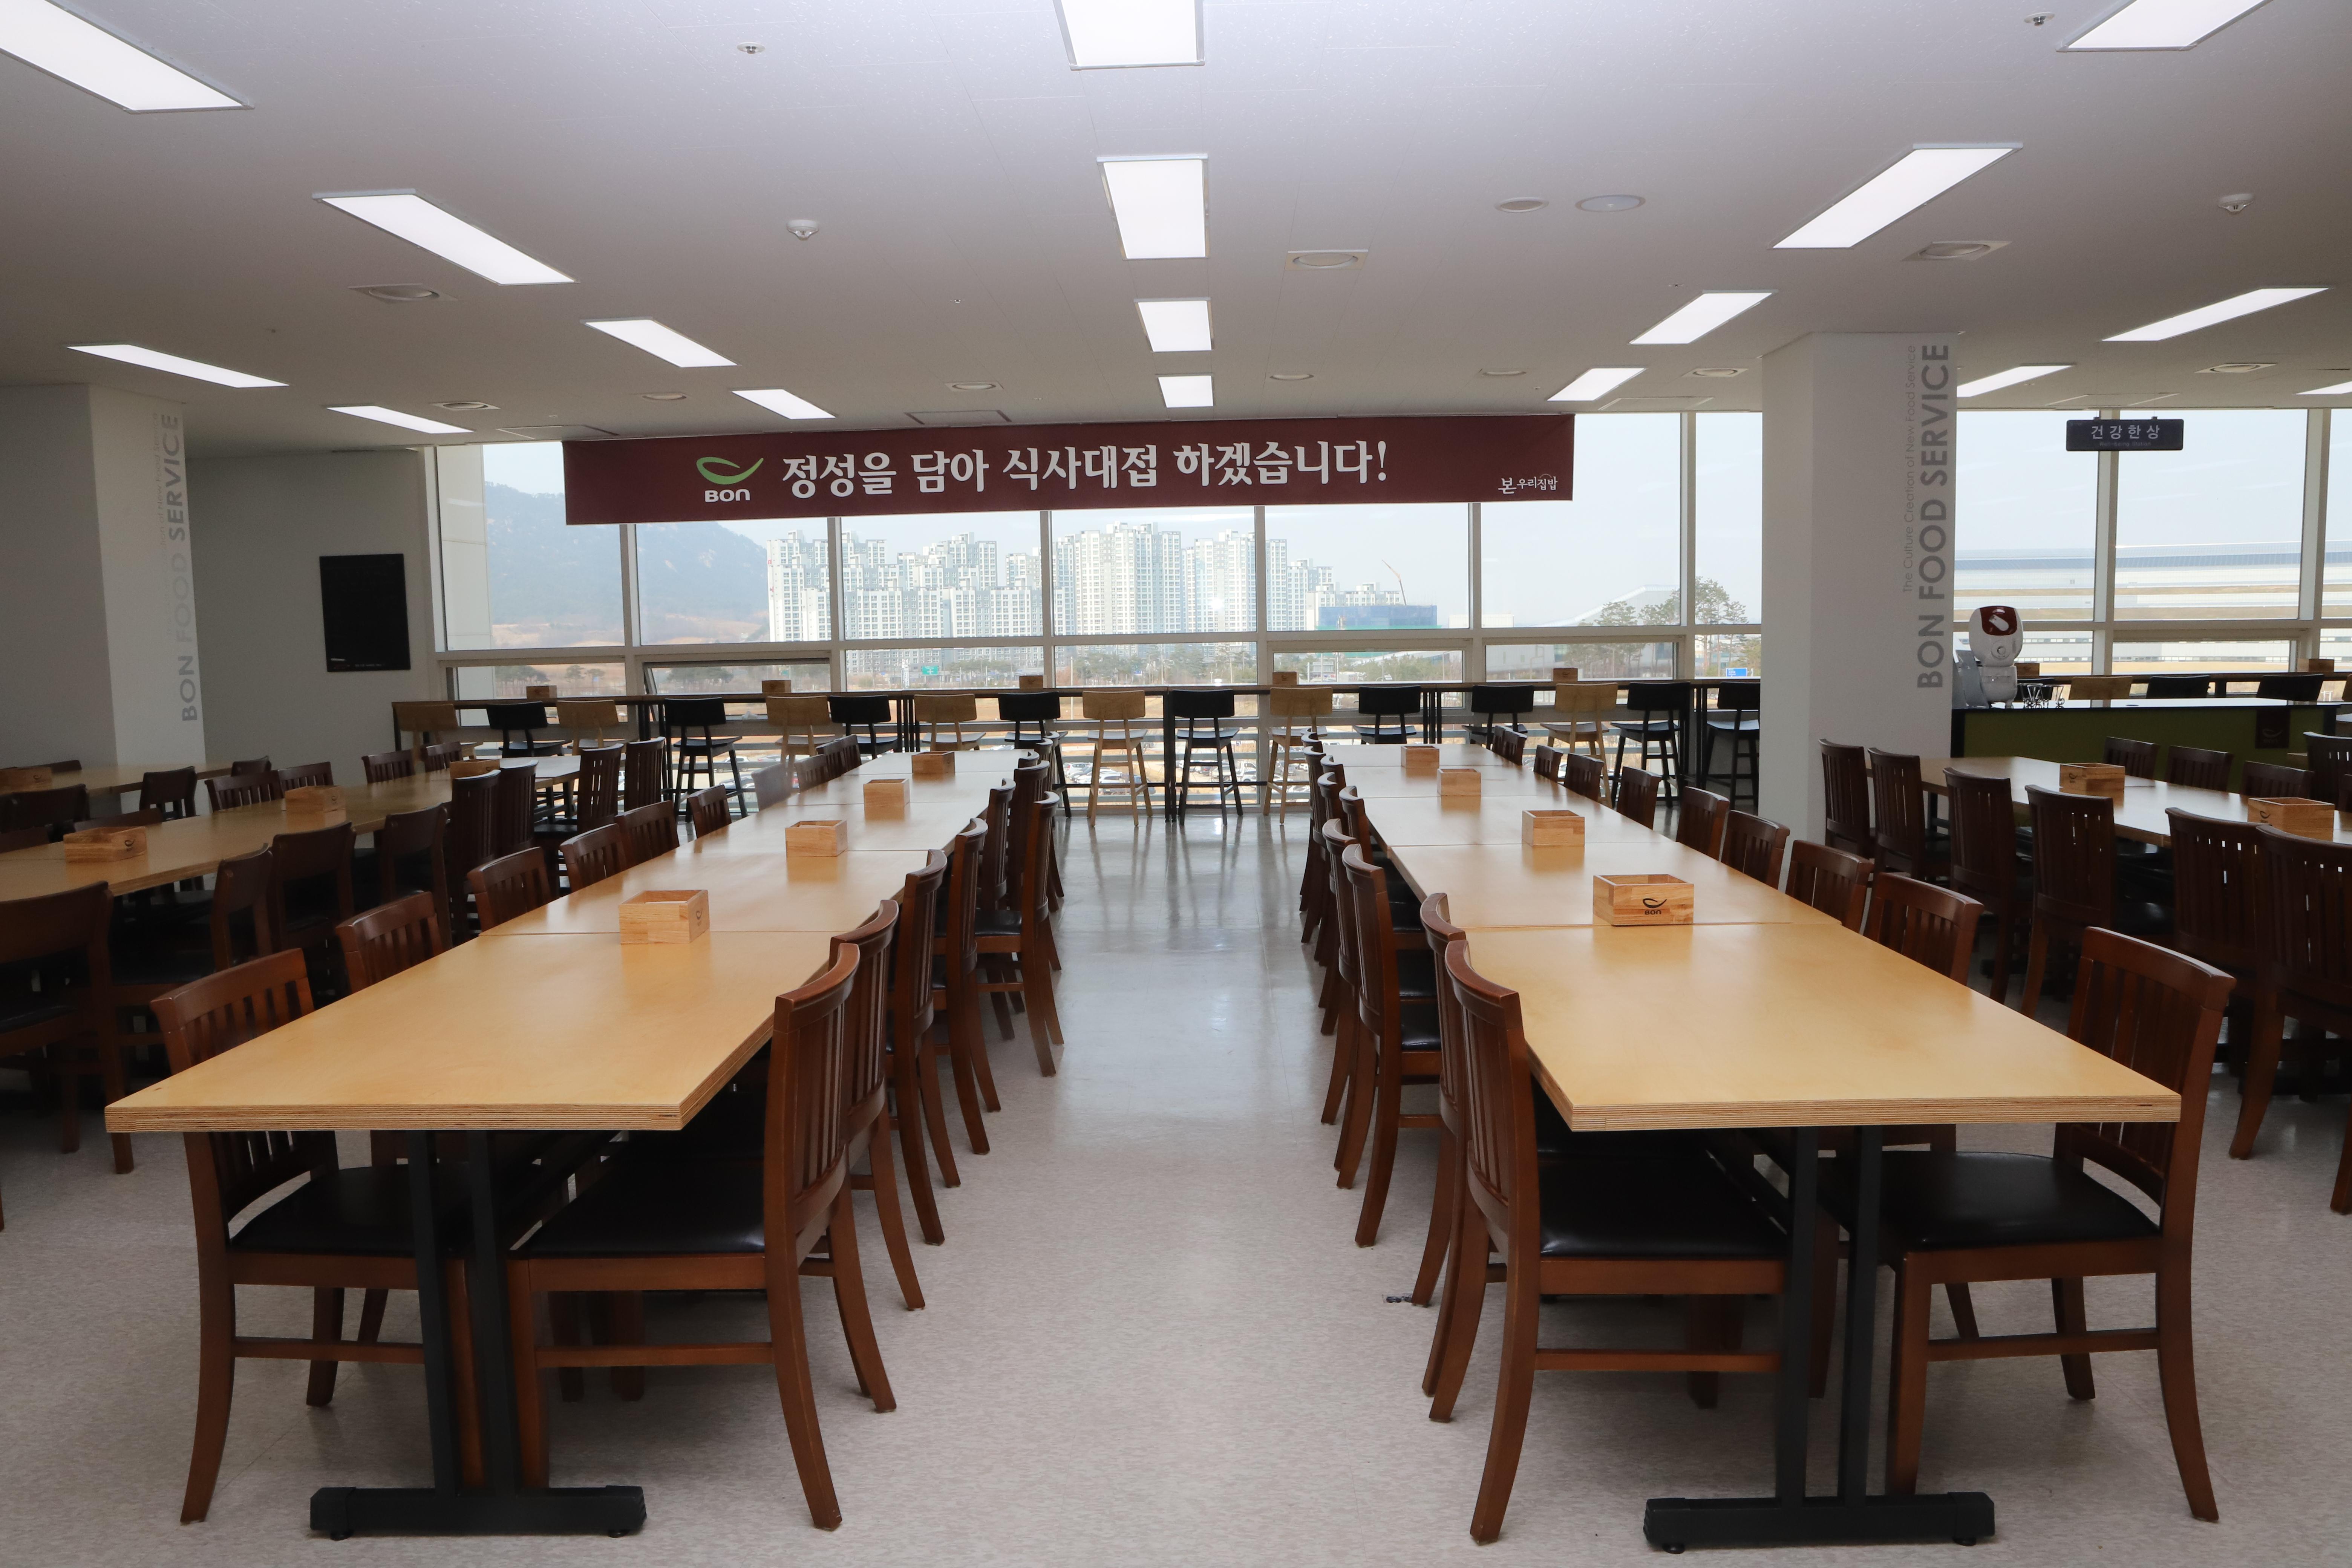 '4대 즐거움' 다시 완성한 충남도서관